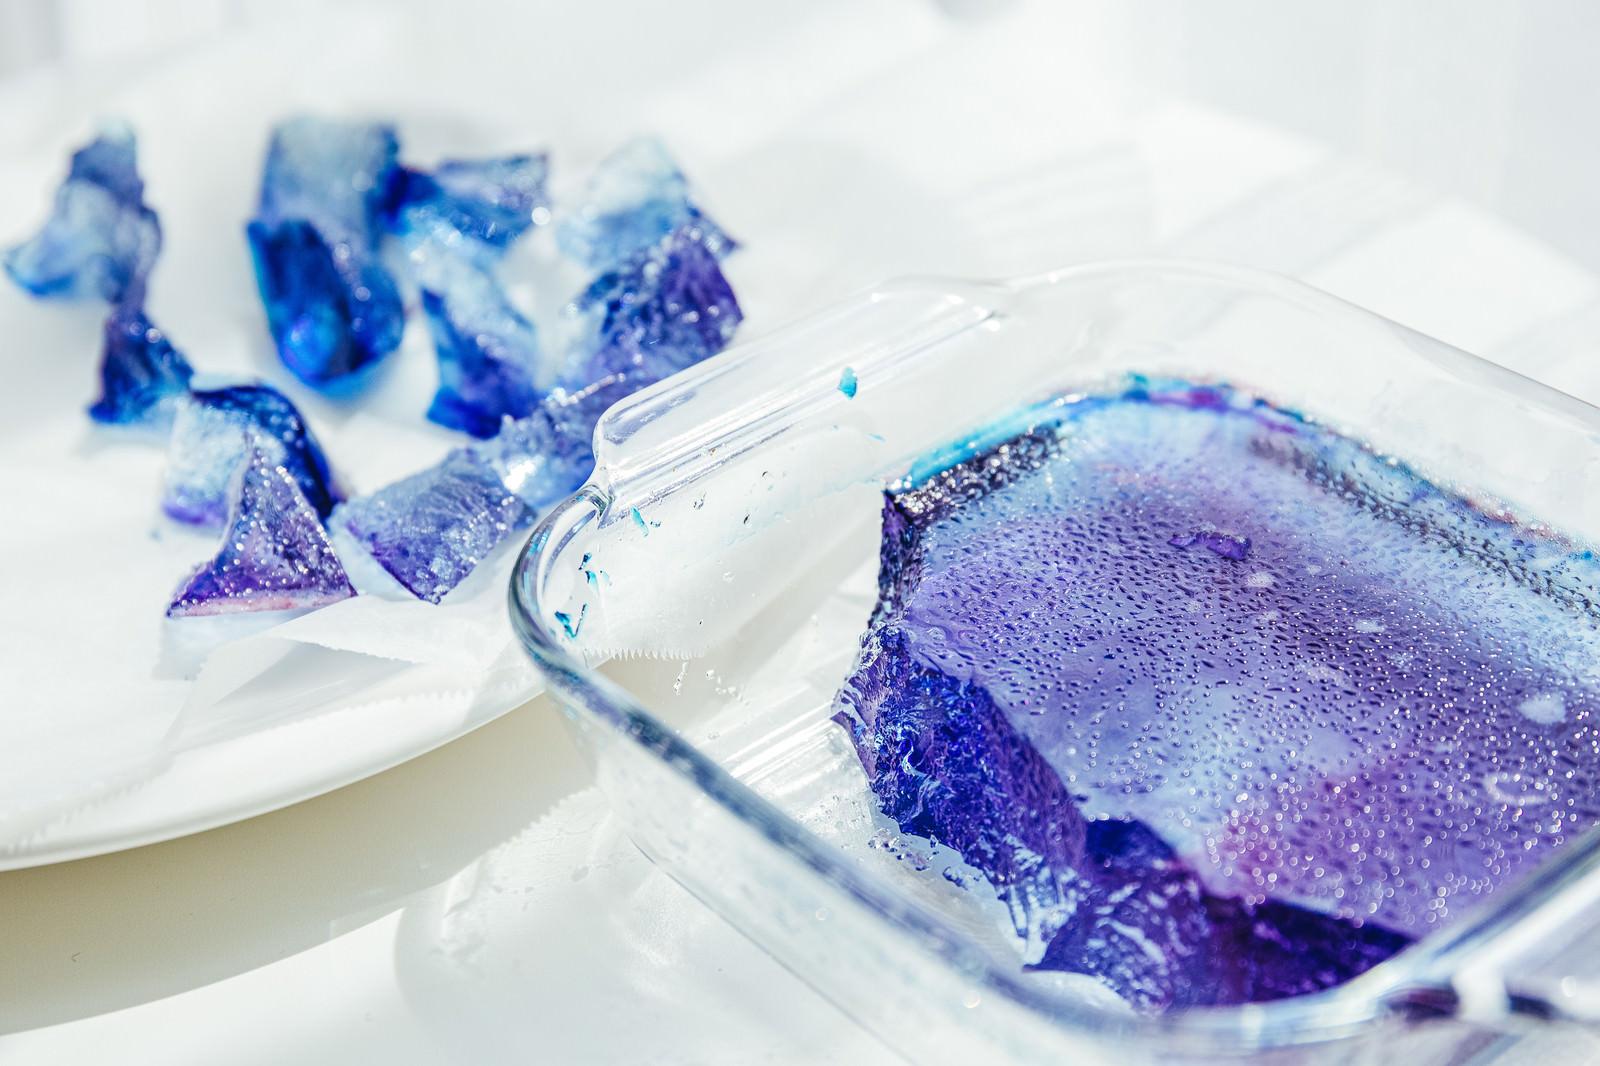 「琥珀糖を塊から切り分ける工程」の写真